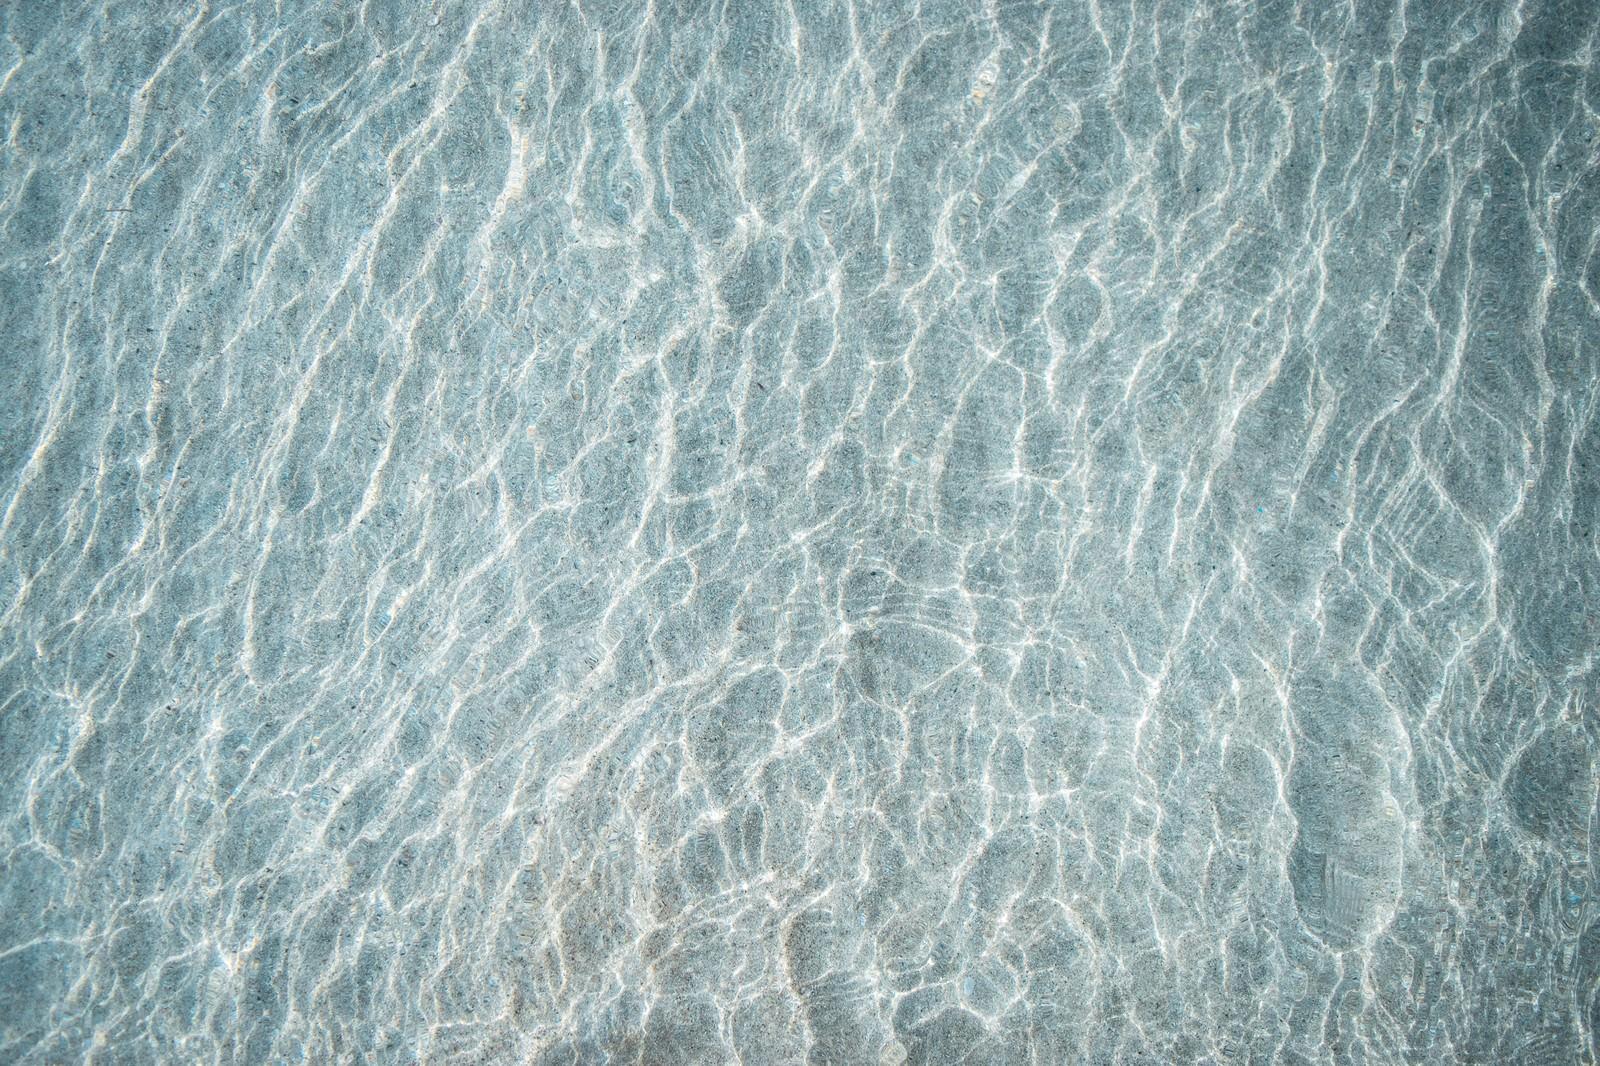 「浅瀬の海と砂紋」の写真